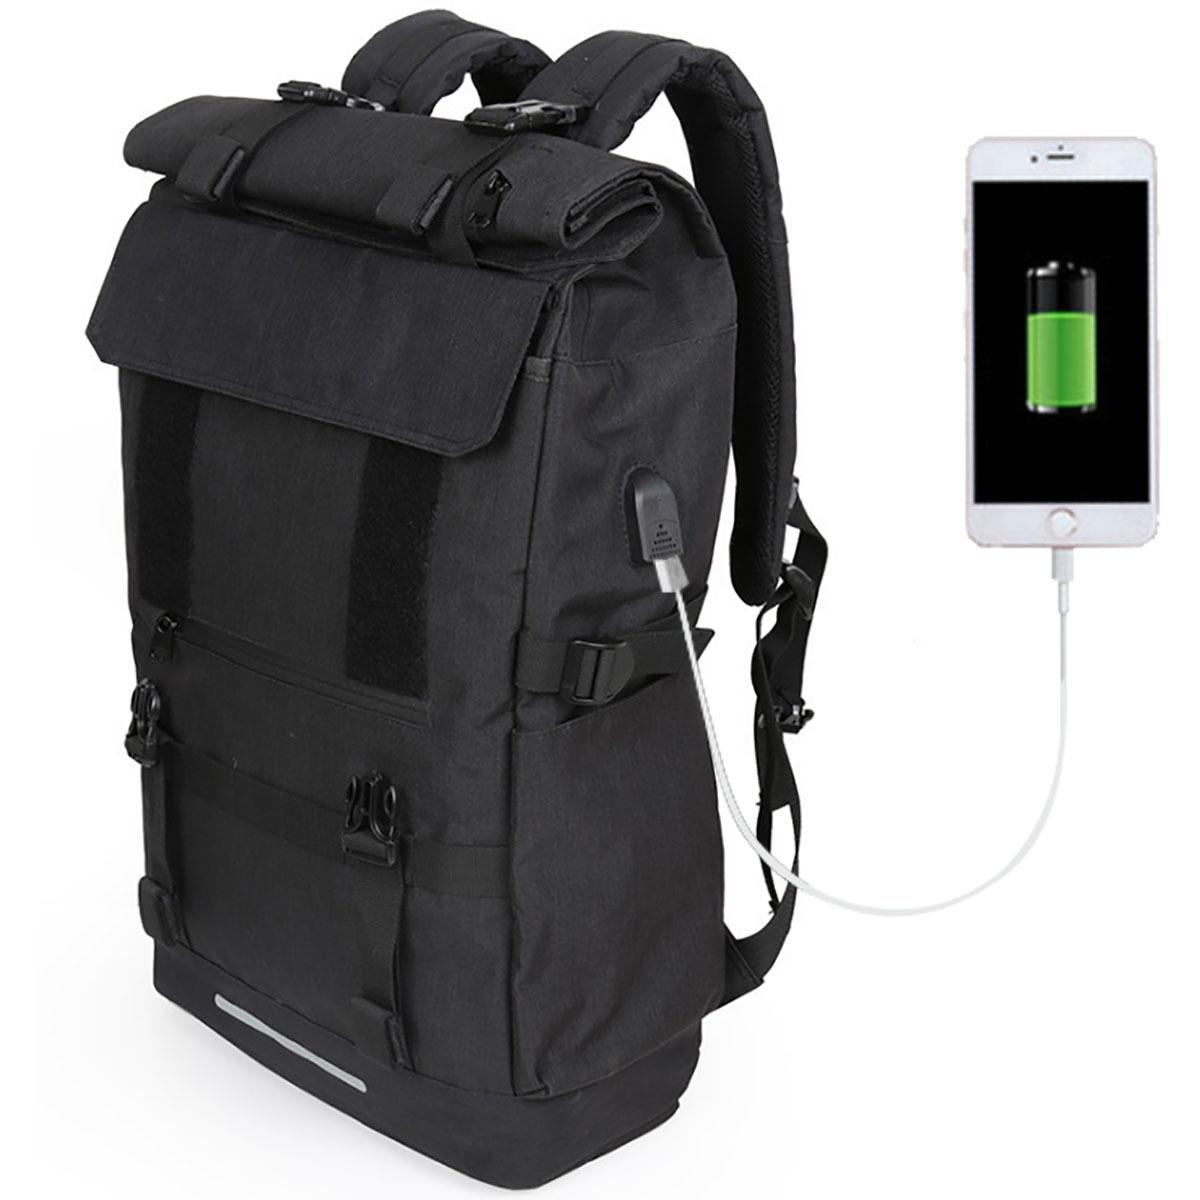 FOX FOUND バックパック メンズ USBポート リュックサック 大容量 登山 40L 3way ビジネスリュック タウンリュック